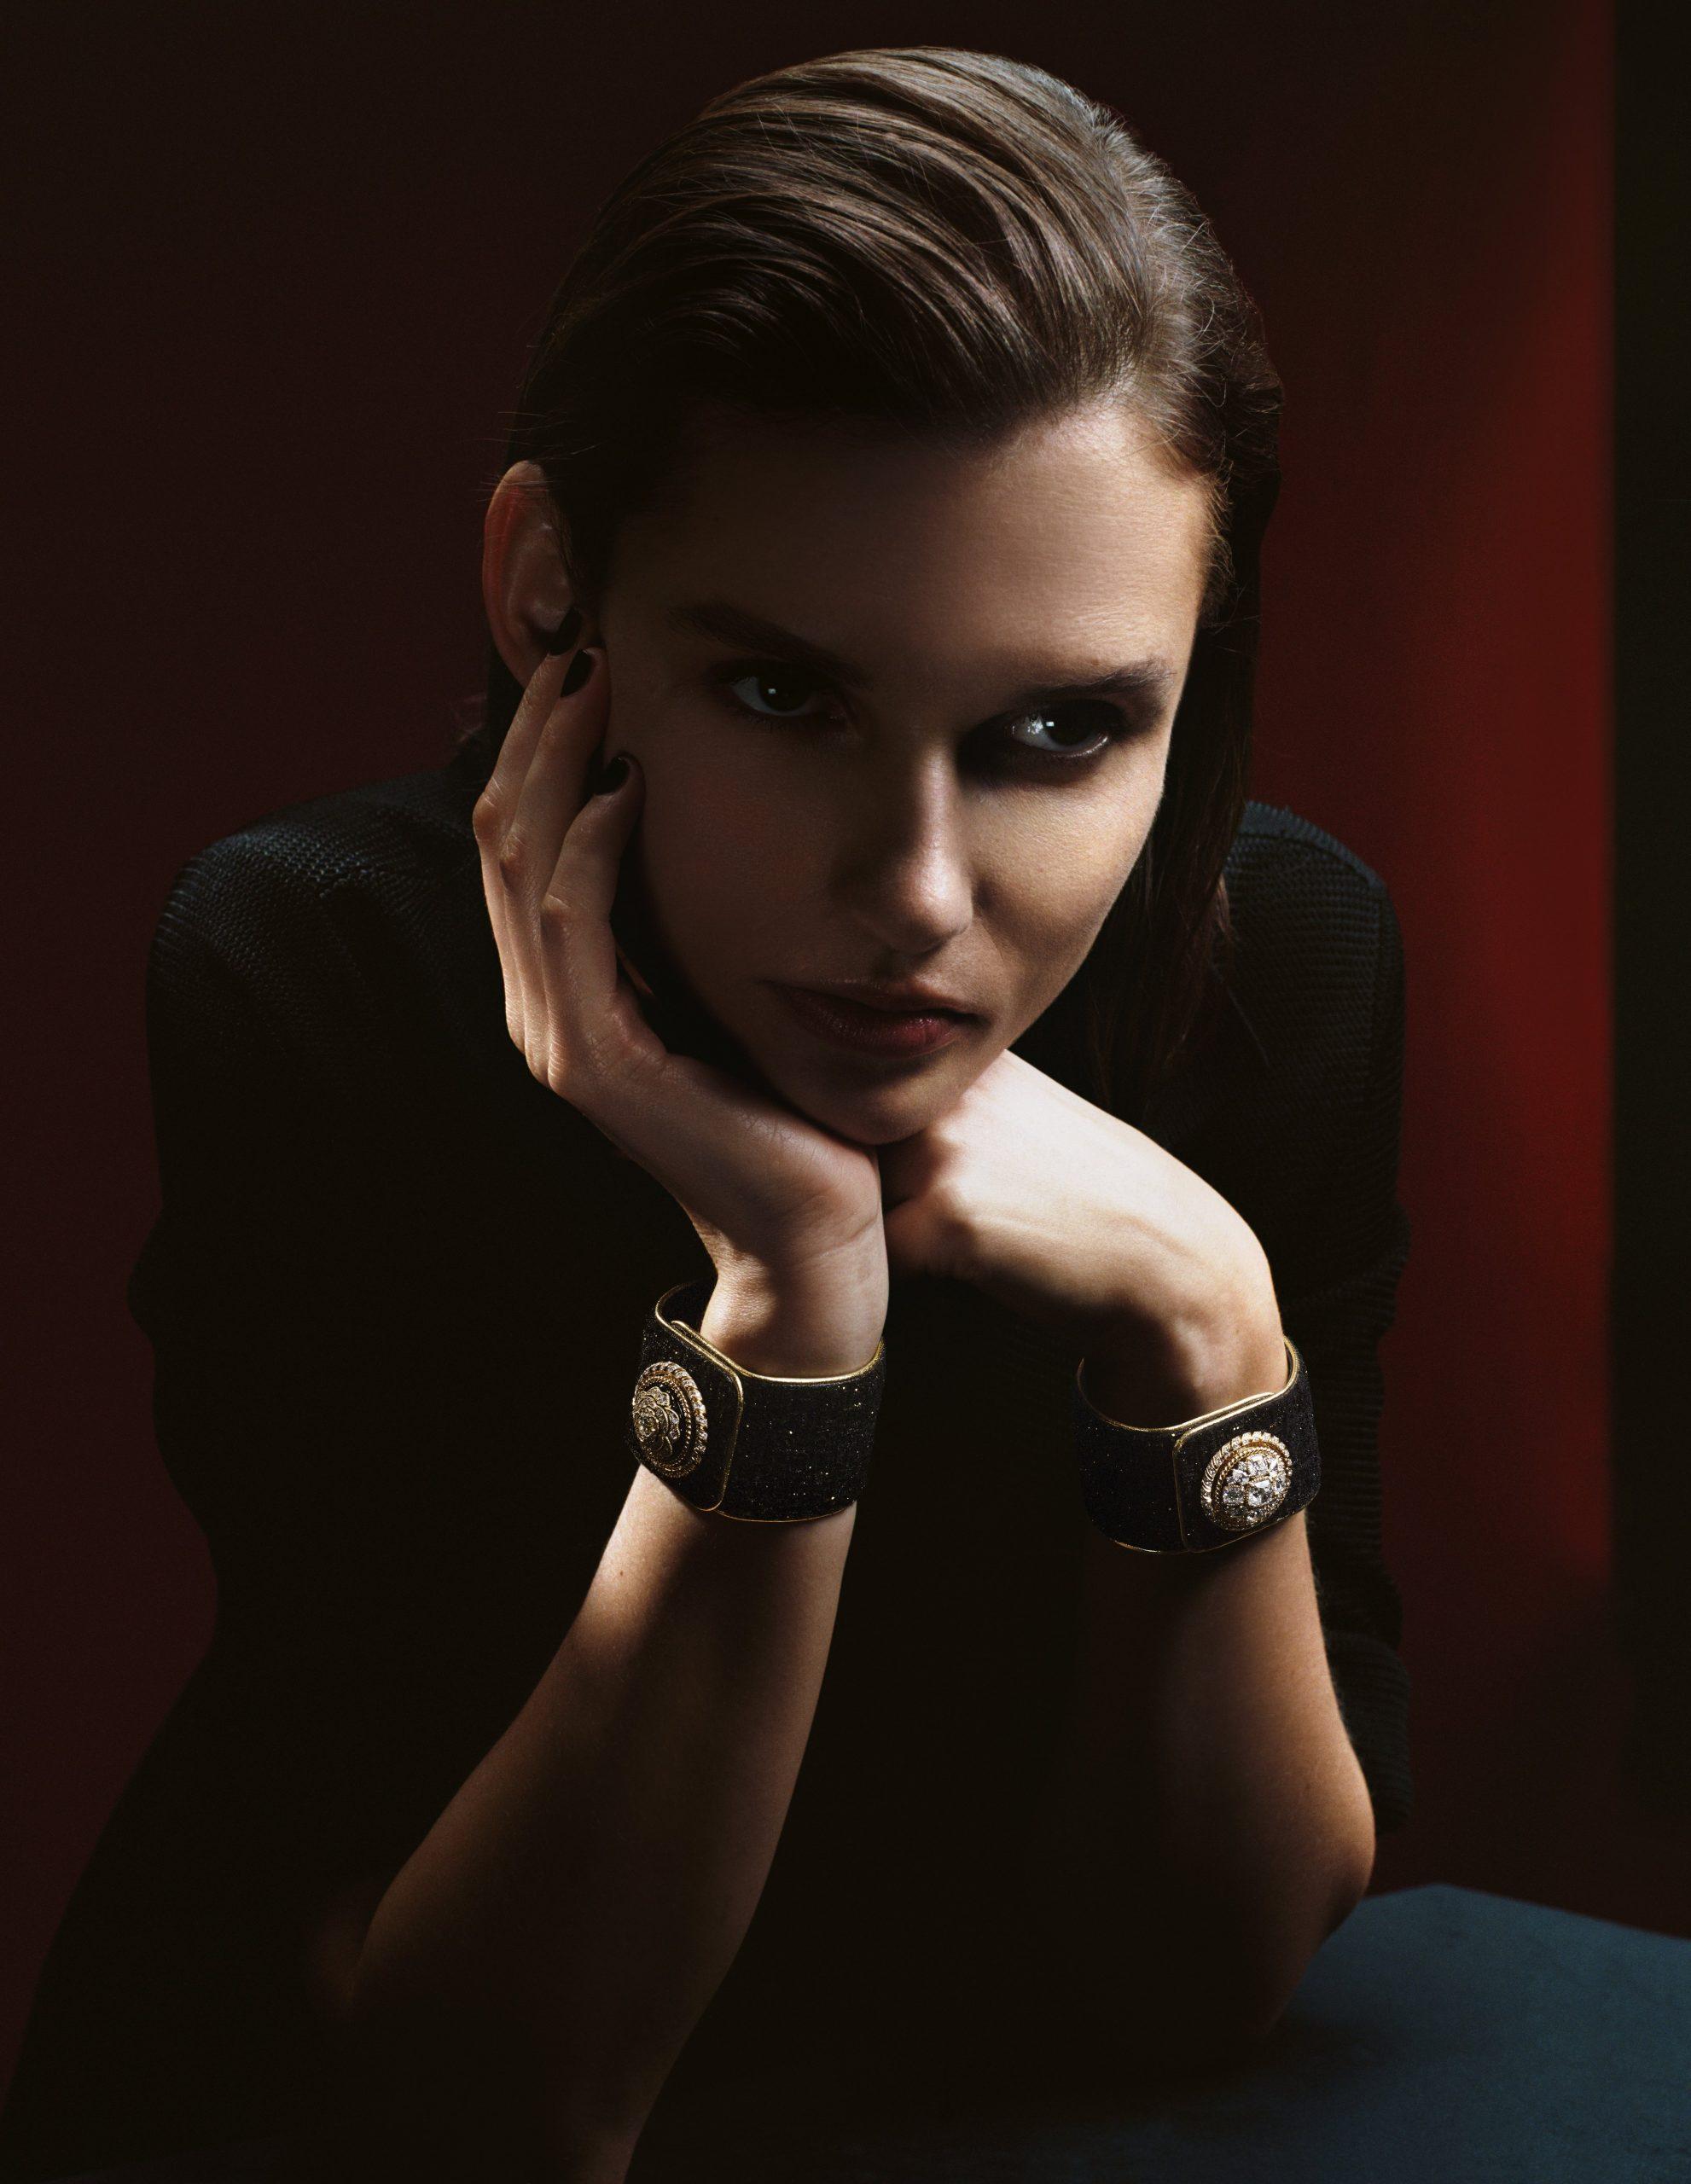 Le bouton de la collection Chanel Mademoiselle privé